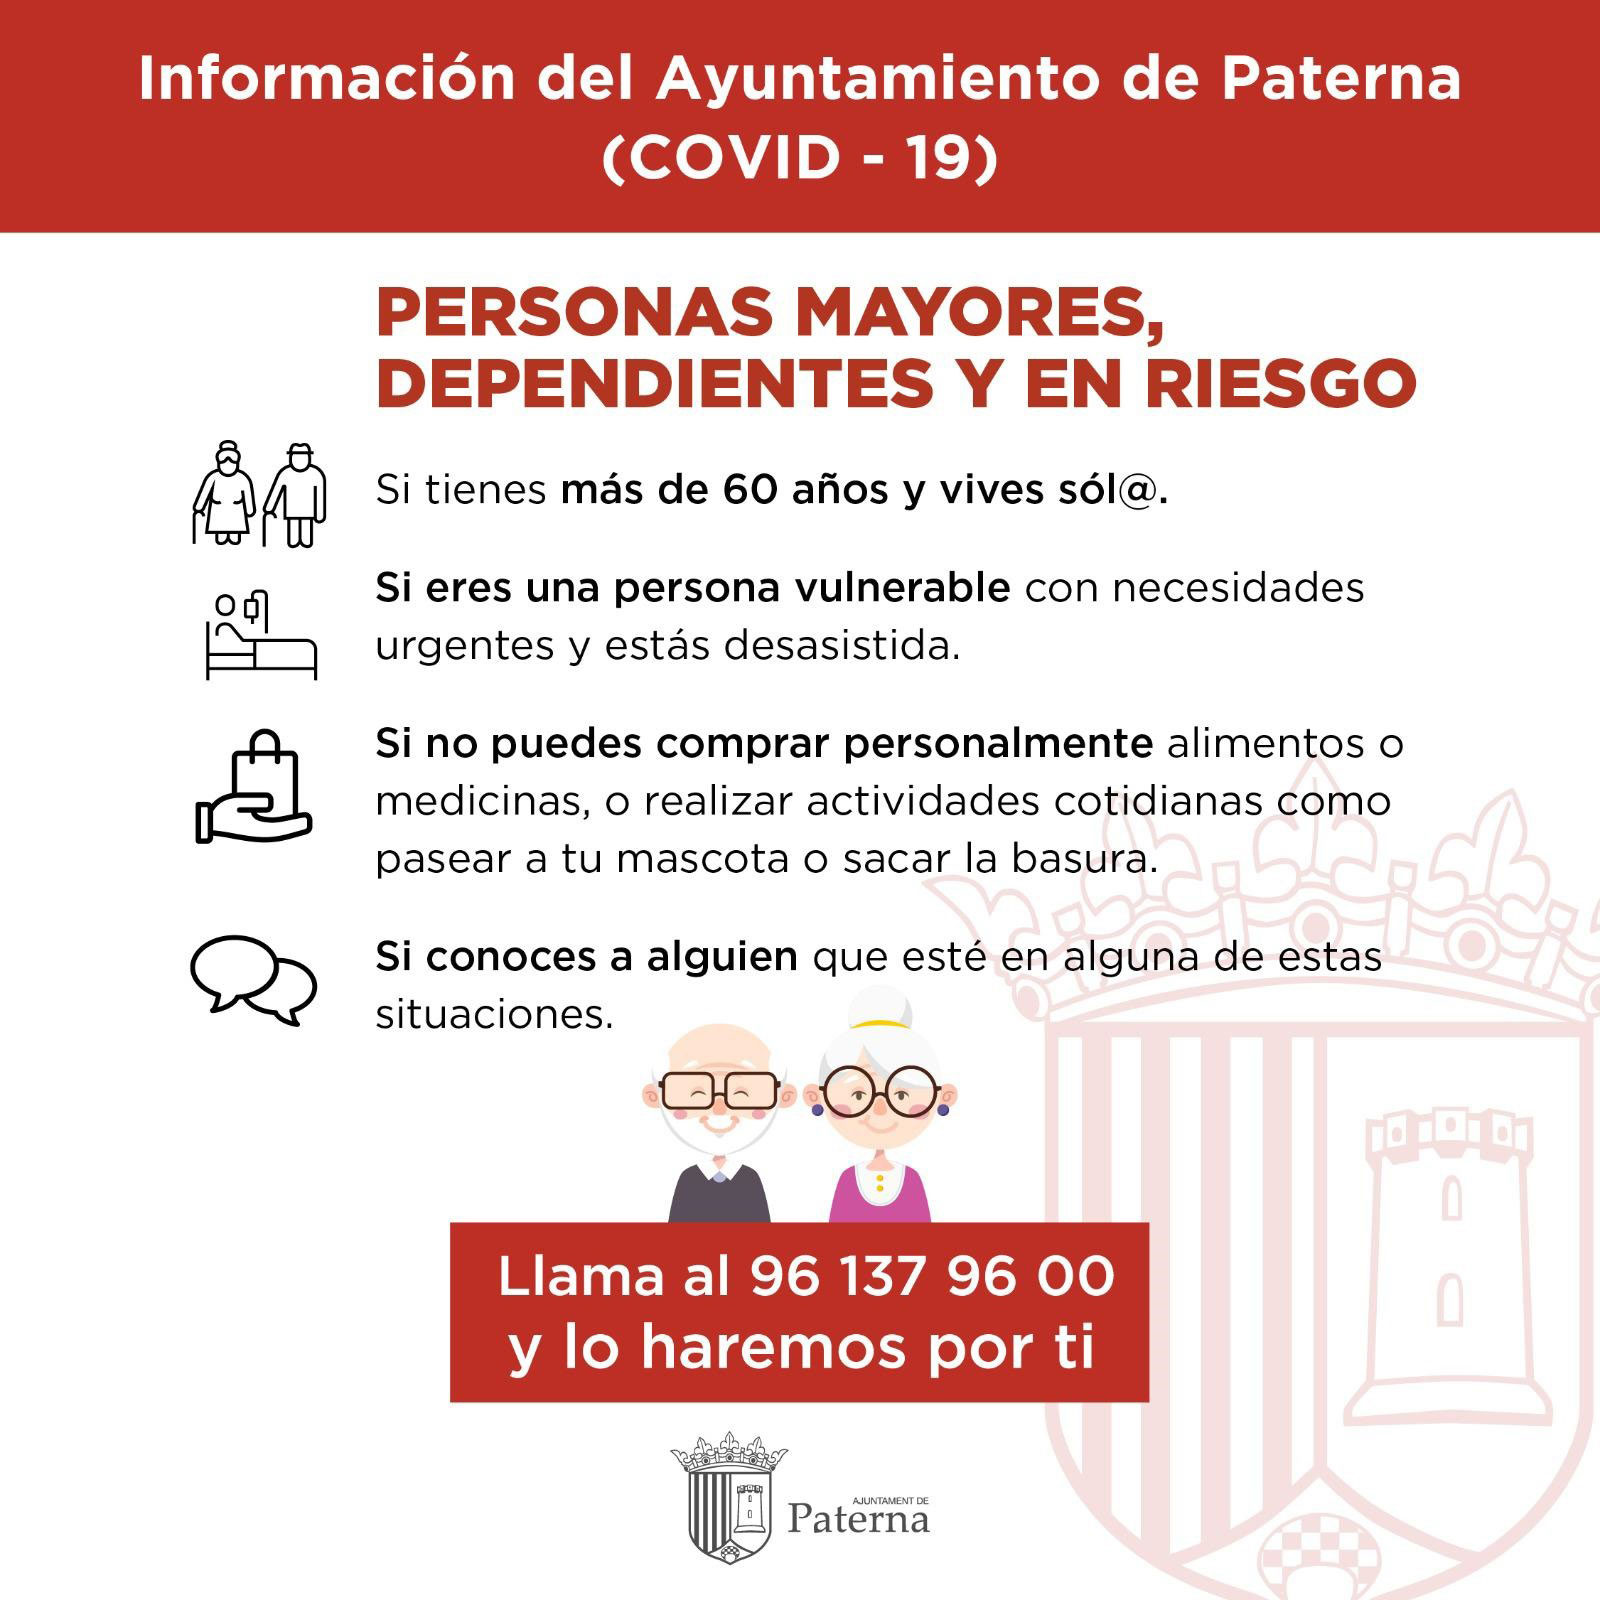 Información del Ayuntamiento de Paterna - Personas mayores, dependientes y en riesgo